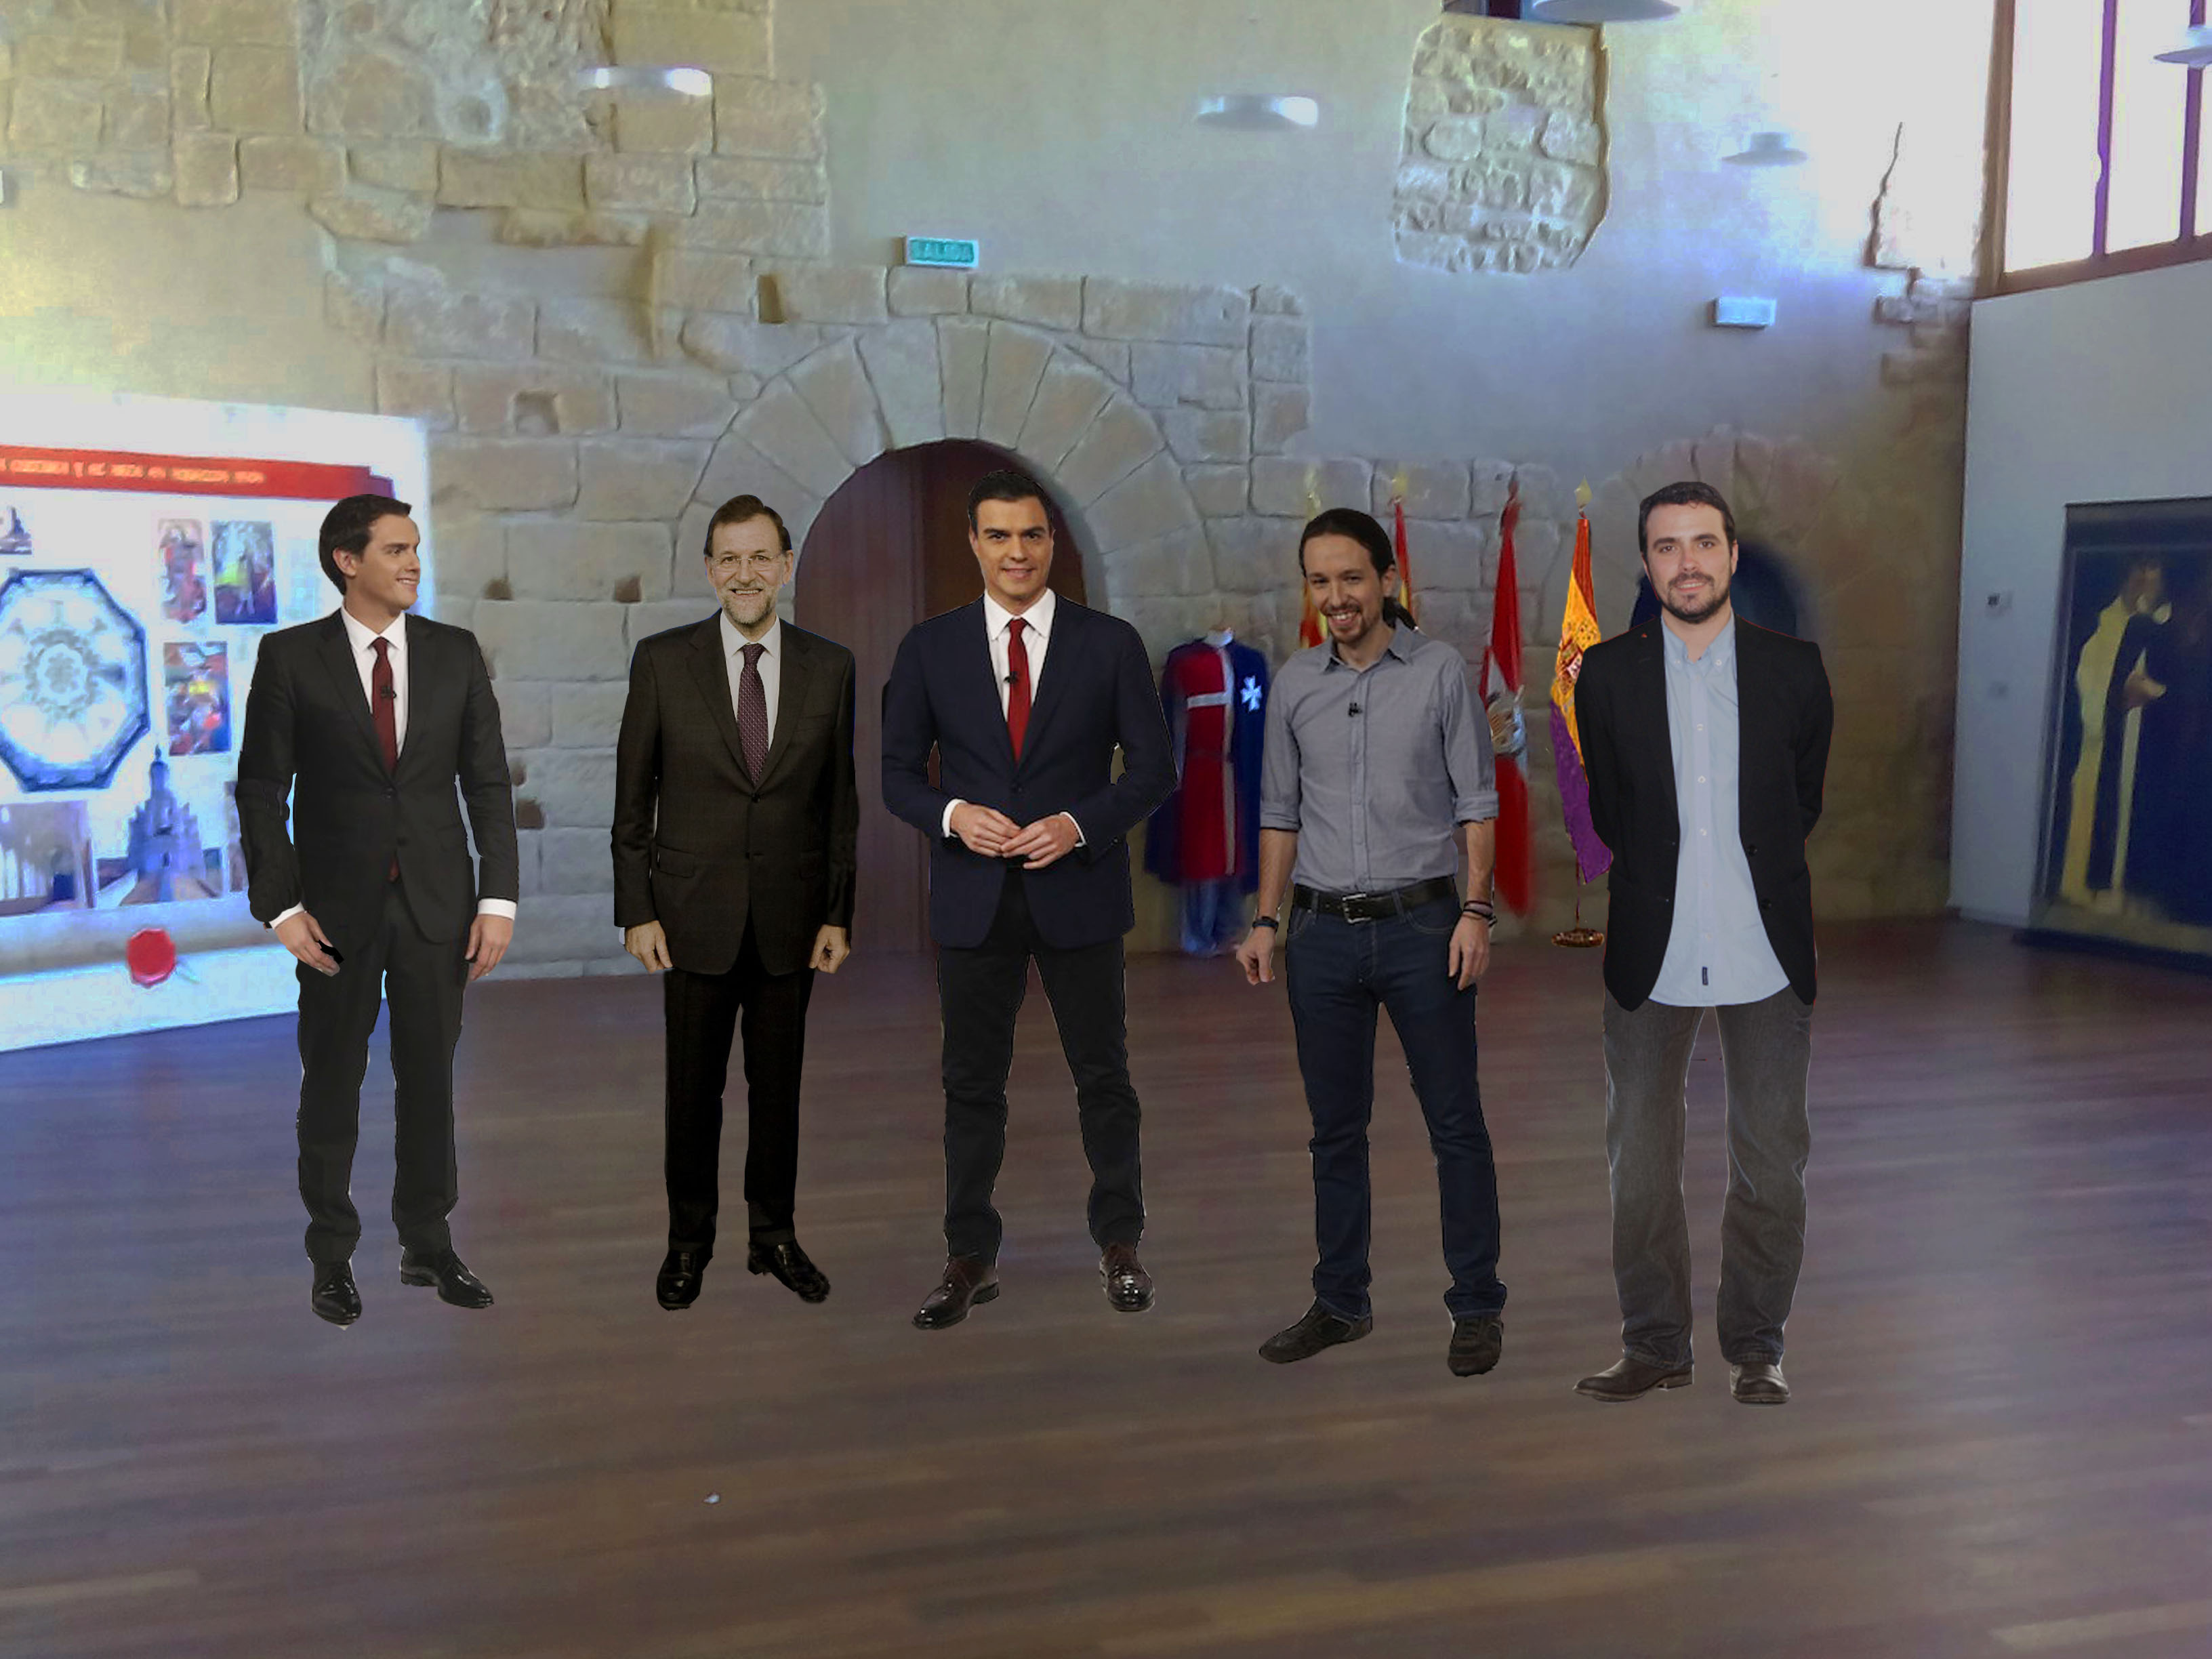 Los candidatos, emperifollaos para visitar el Centro de interpretación del Compromiso